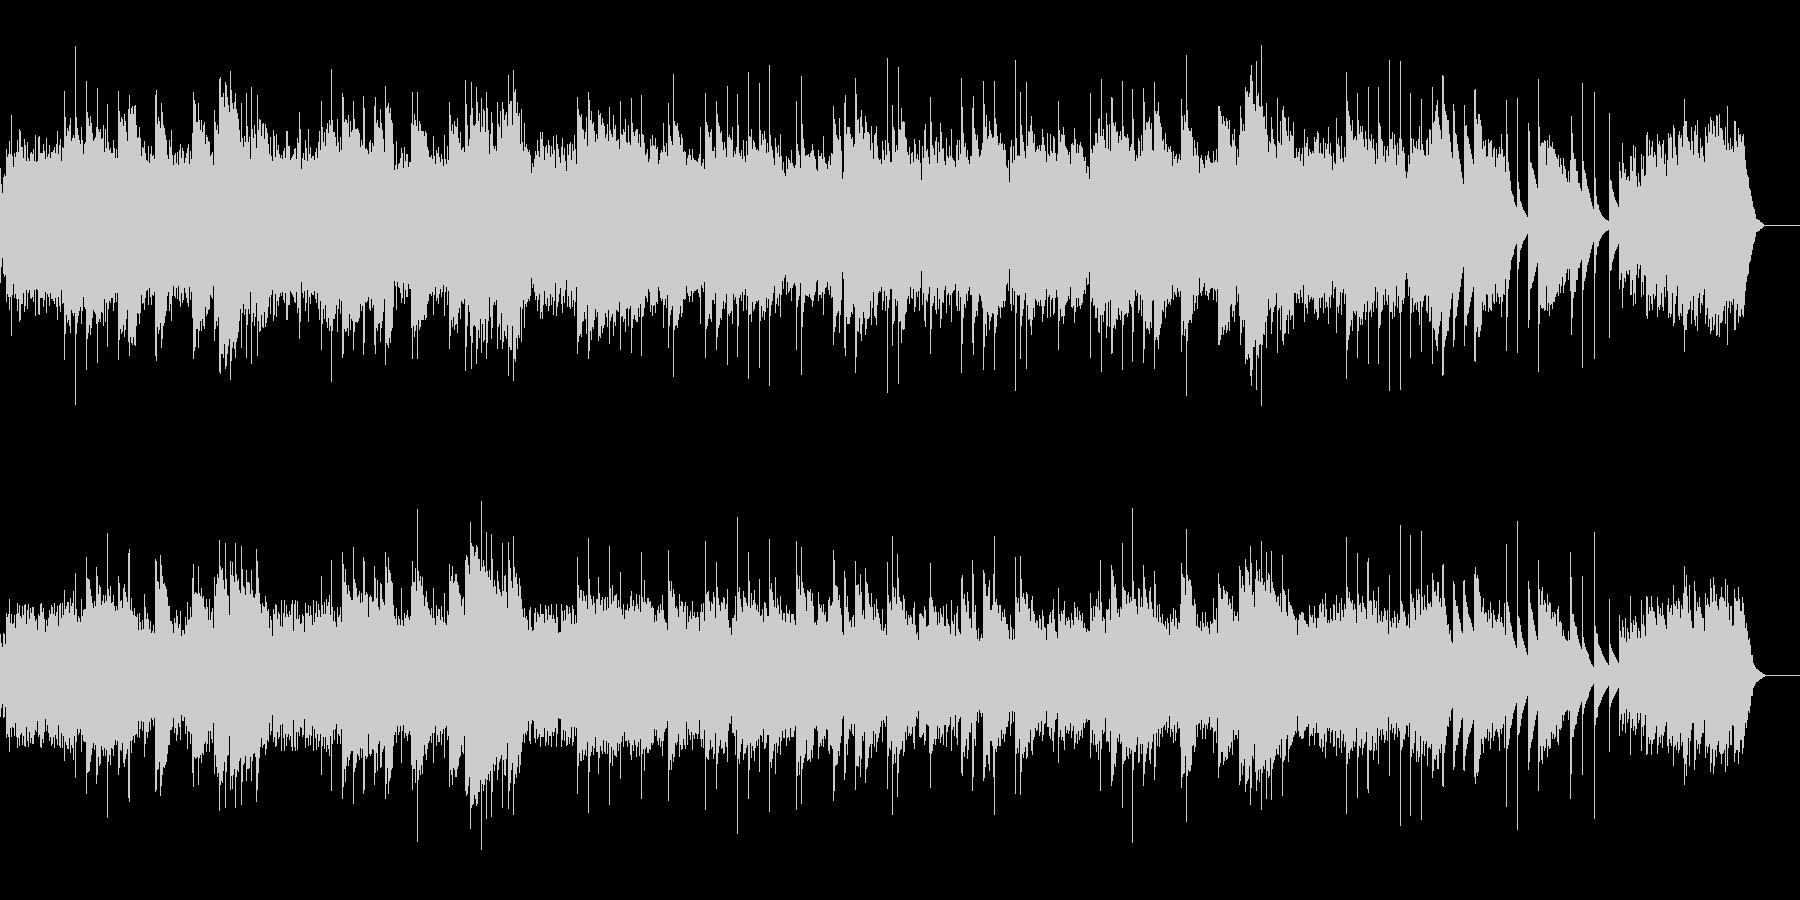 動物の謝肉祭 白鳥 (オルゴール)の未再生の波形